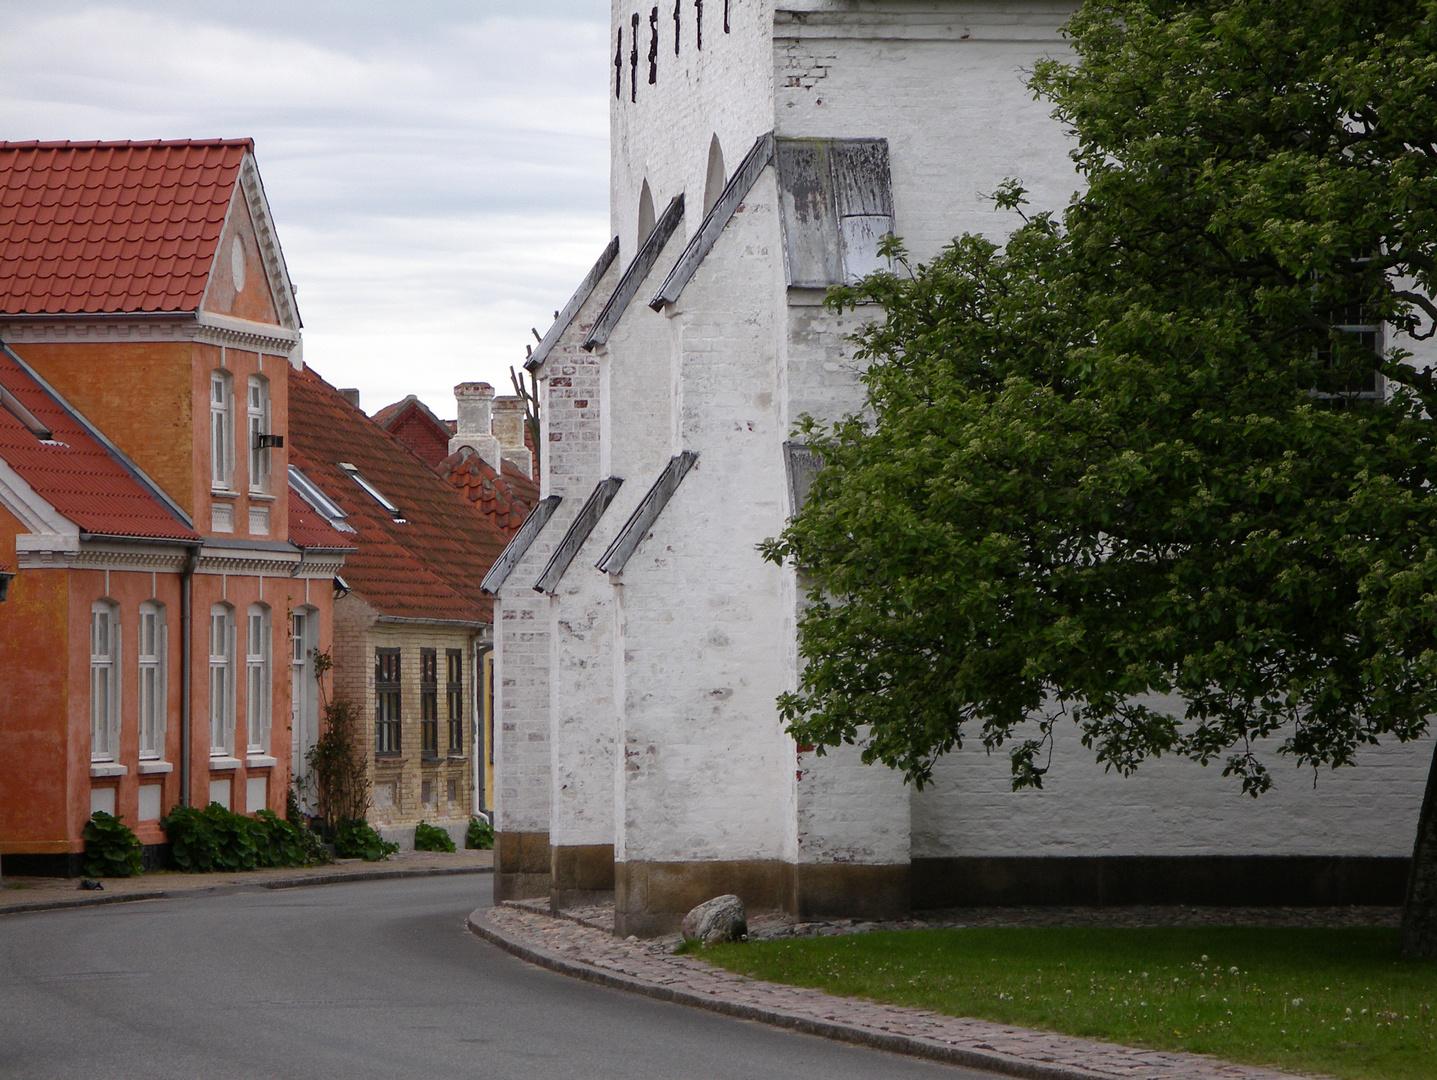 Häuser - geduckt im Schutz der Kirche